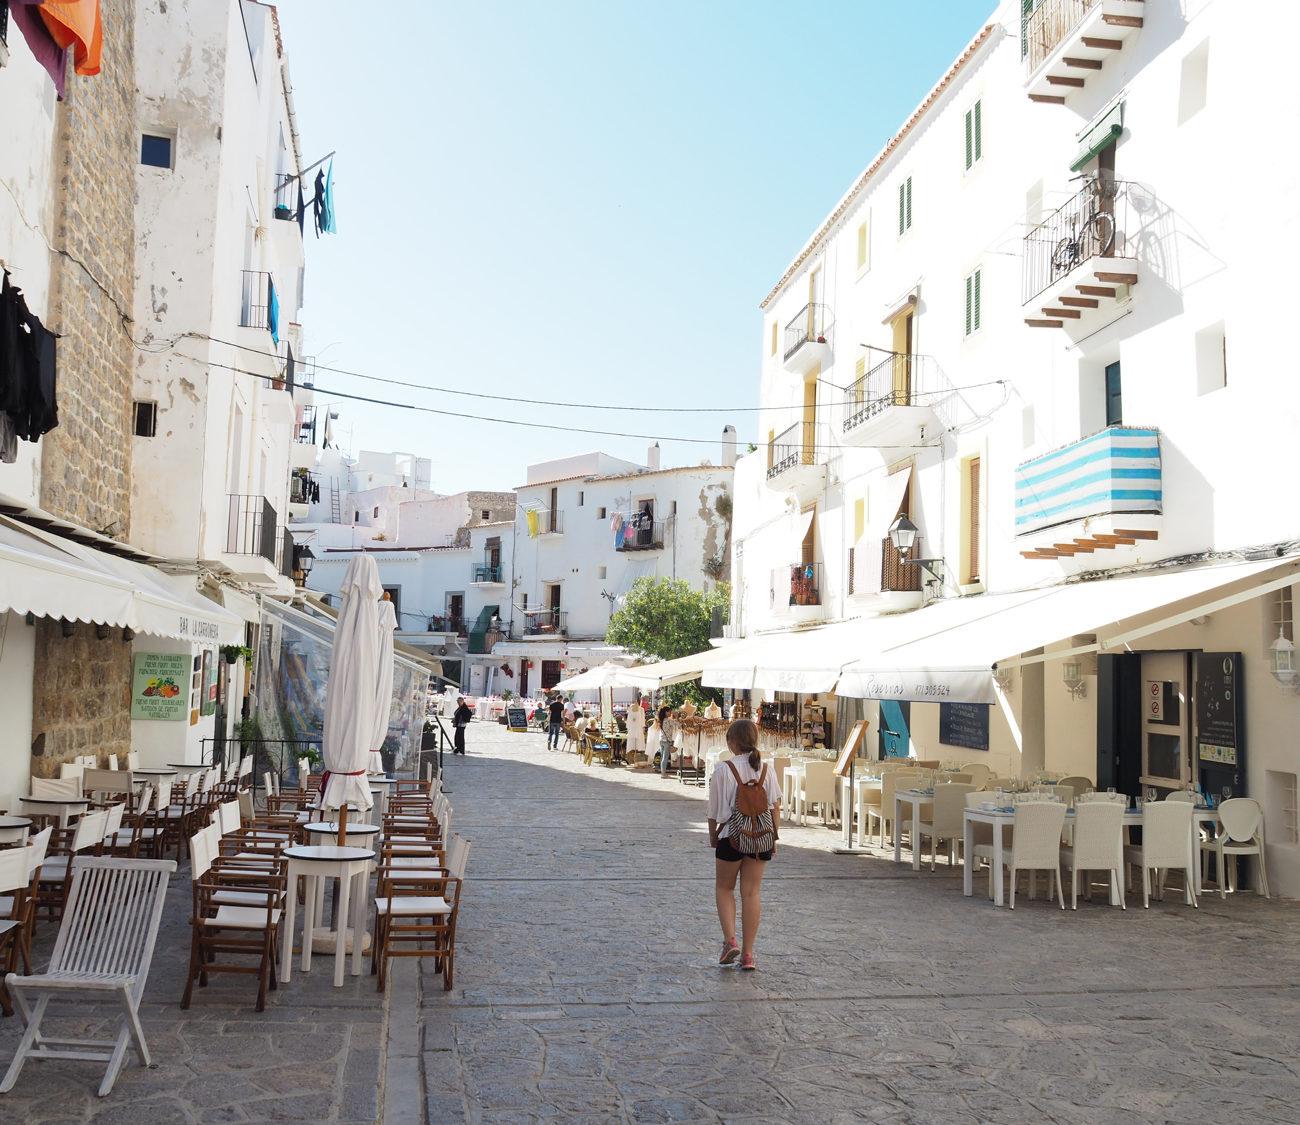 Een populaire vakantiebestemming in Spanje: Ibiza. Wandelen door de straten van ibiza stad, met witte huizen en terrassen